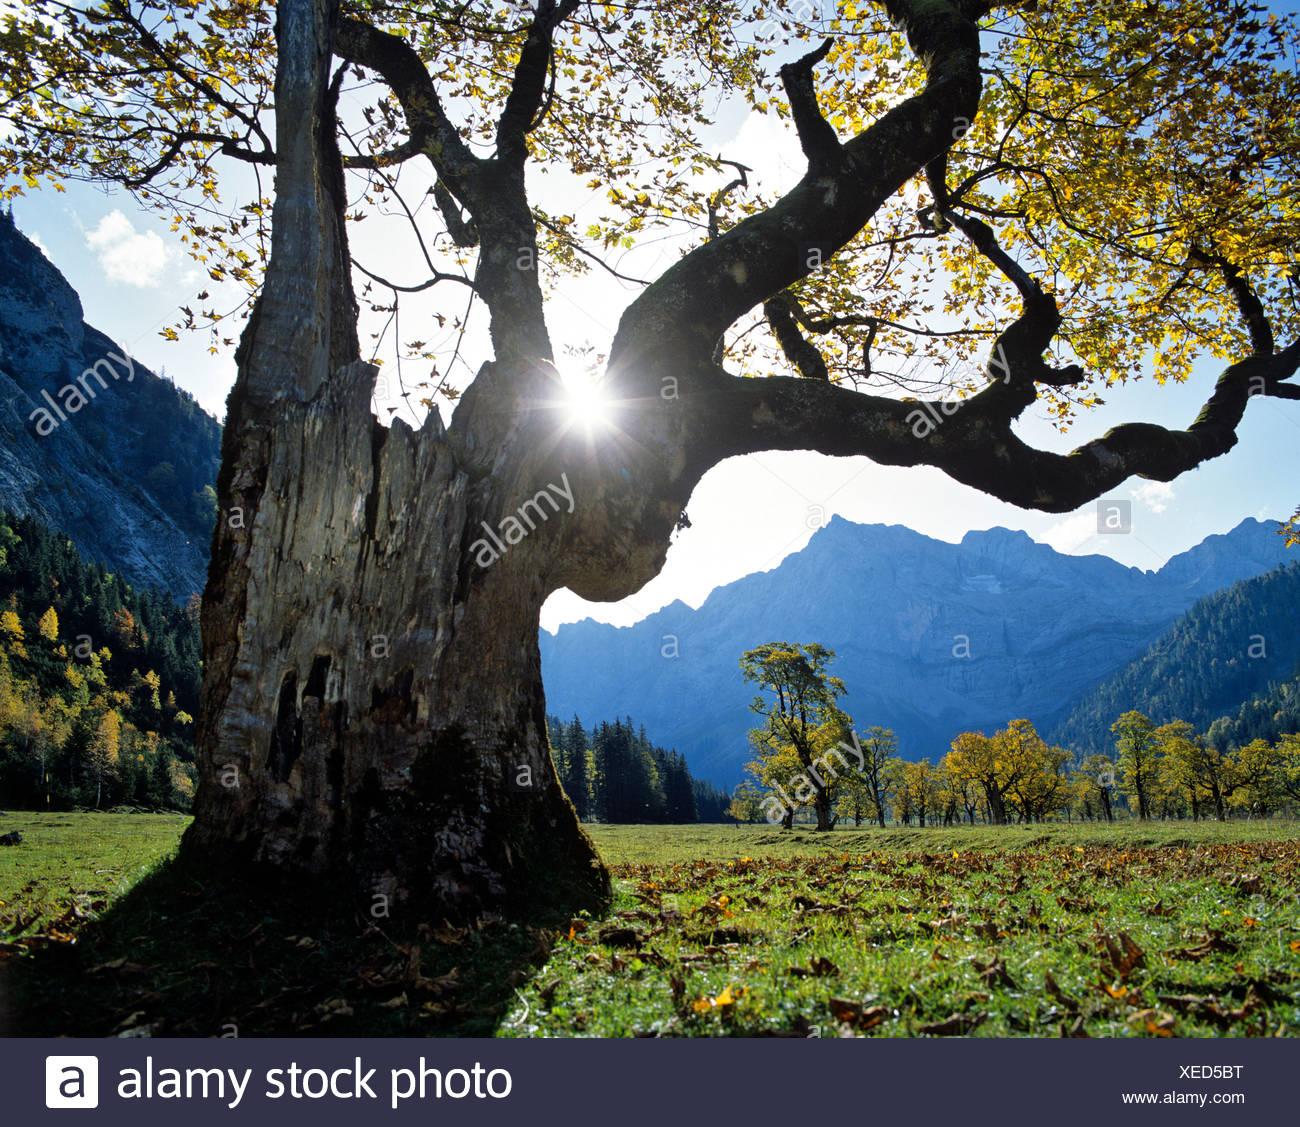 Grosser Ahornboden, Herbst, Mt. Spritzkarspitze, Eiskarln, Karwendel-Bereich, Tirol, Österreich Stockbild